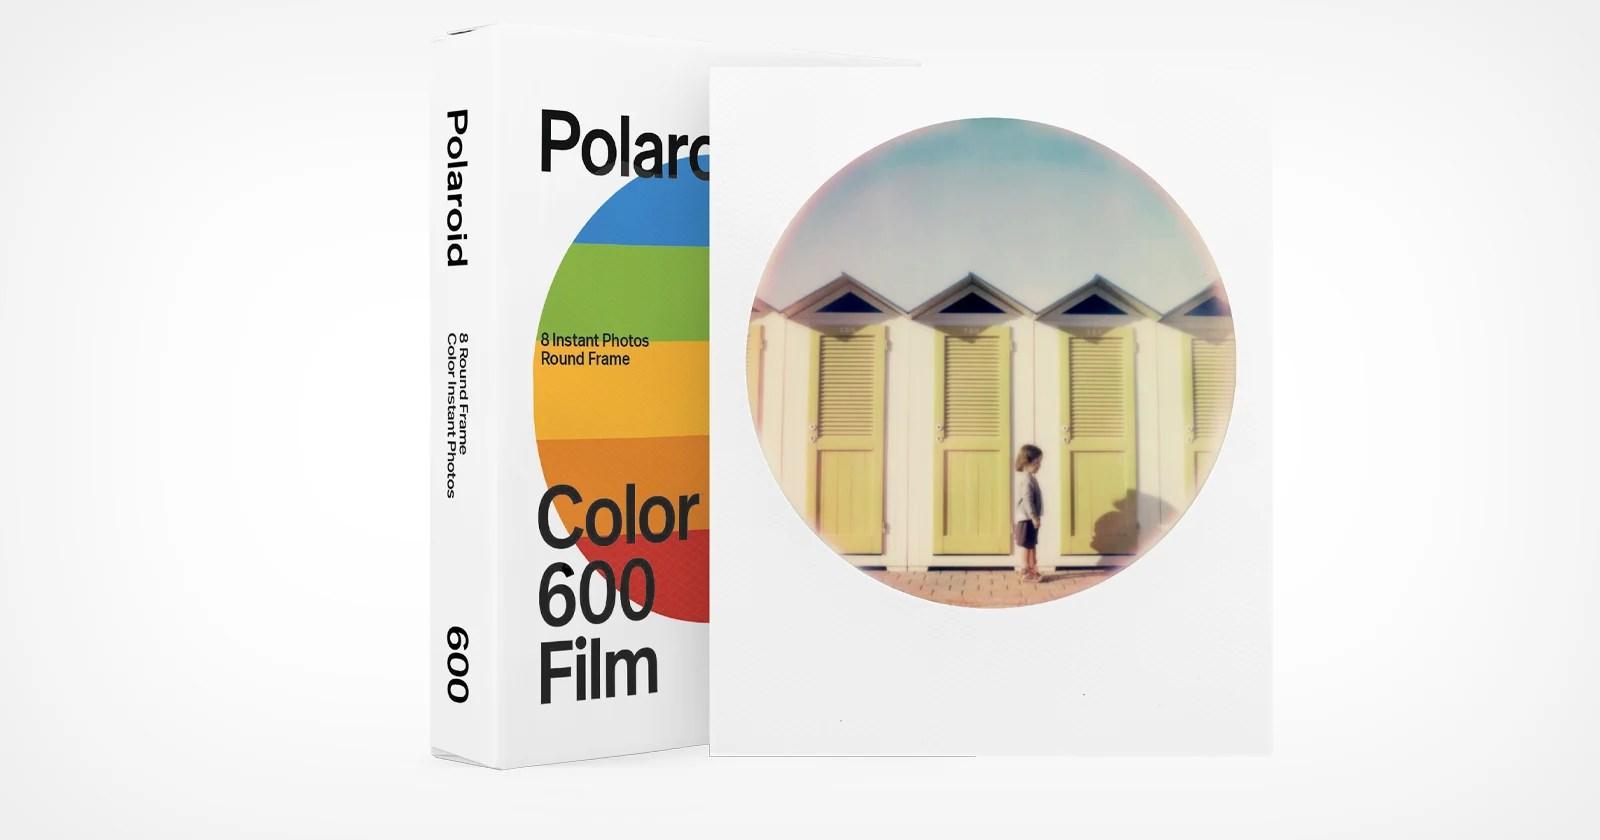 Polaroid annuncia il ritorno della pellicola istantanea 600 Round Frame